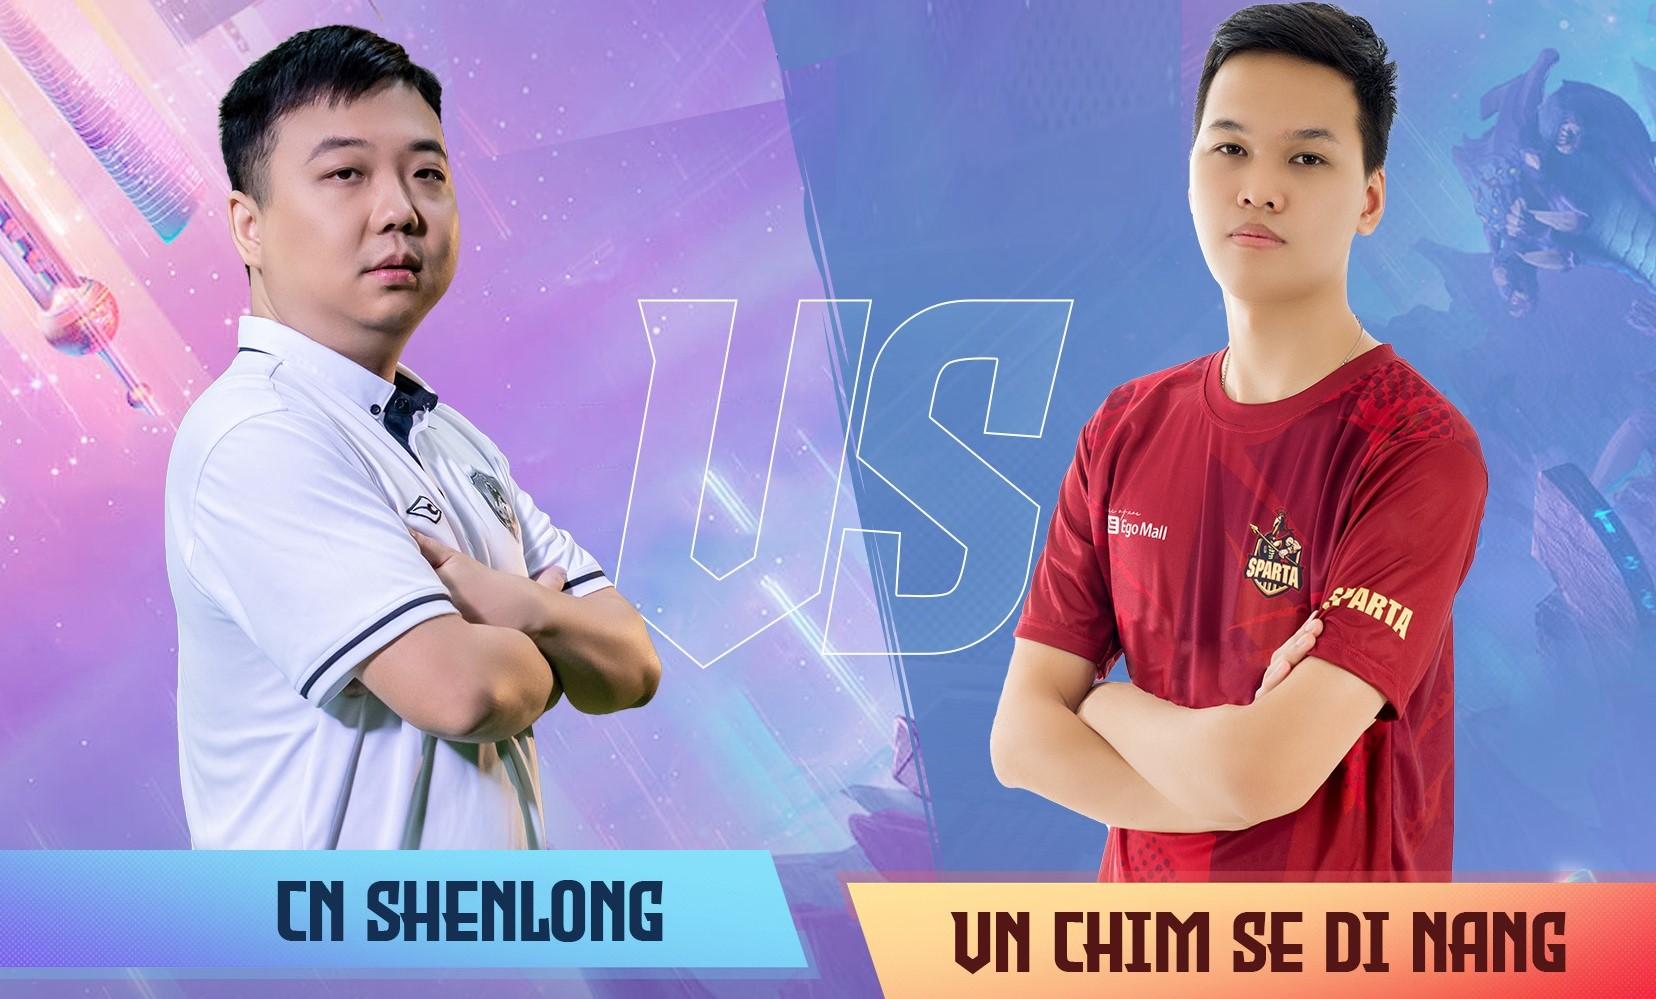 """Chim Sẻ Đi Nắng đối đầu với Shenlong ở Tốc Chiến, thậm chí có đặc quyền """"chưa từng thấy"""" tại Icon Series Sea?"""